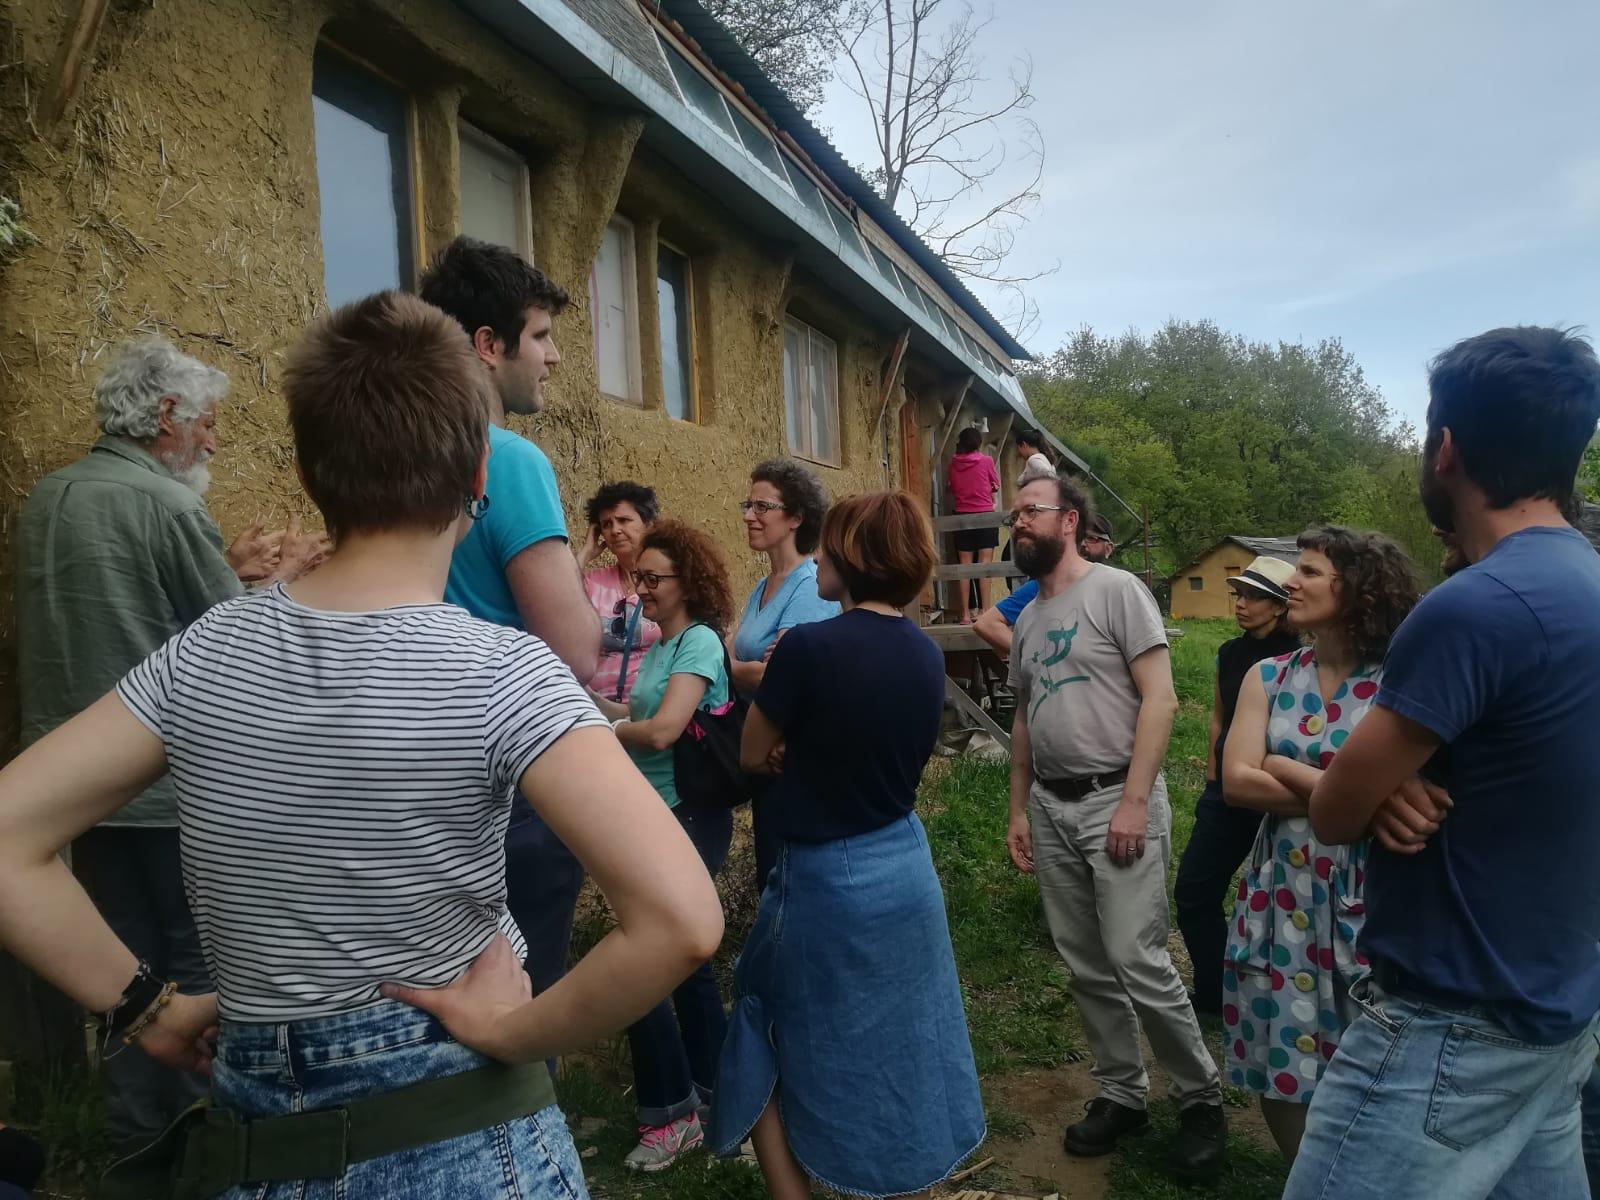 Il gruppo a Panta rei, sul lago Trasimeno, dove ha trascorso tre giorni di lavoro e condivisione